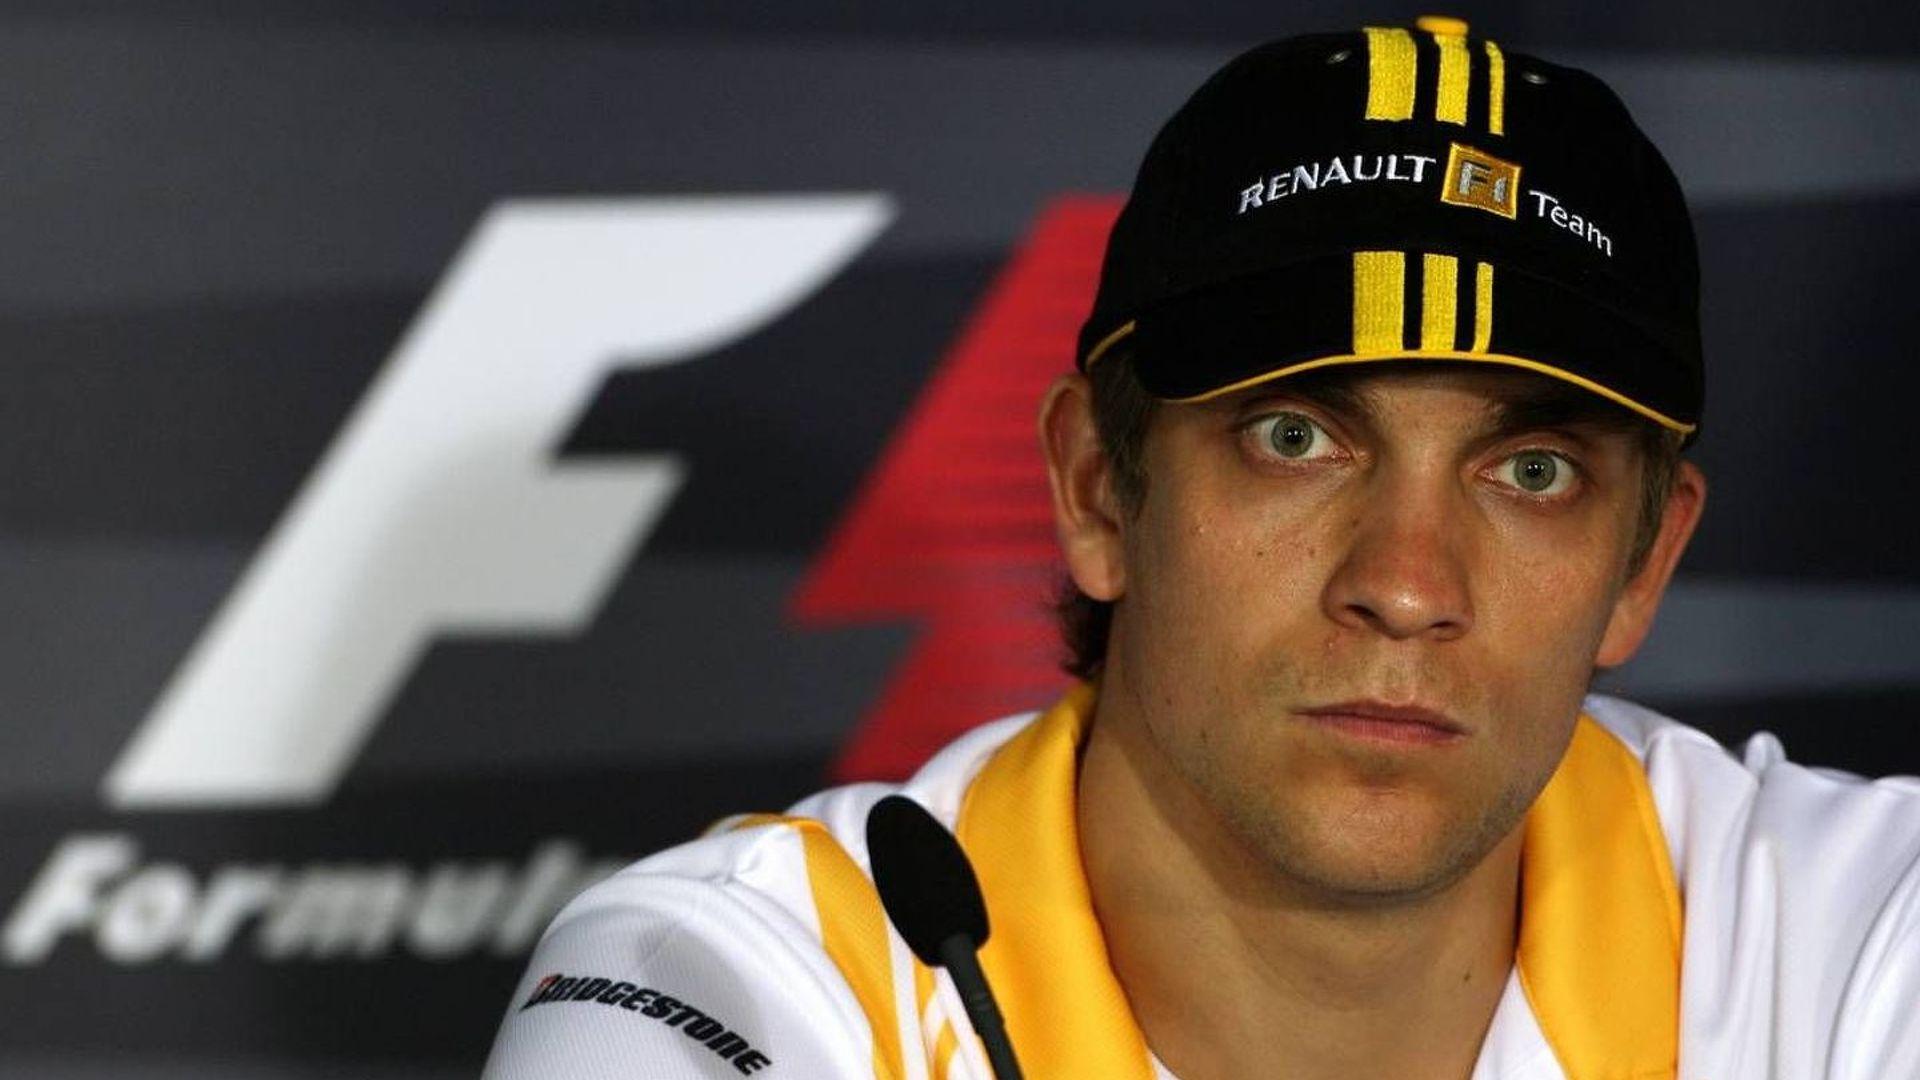 Renault still weighing up Petrov versus Raikkonen